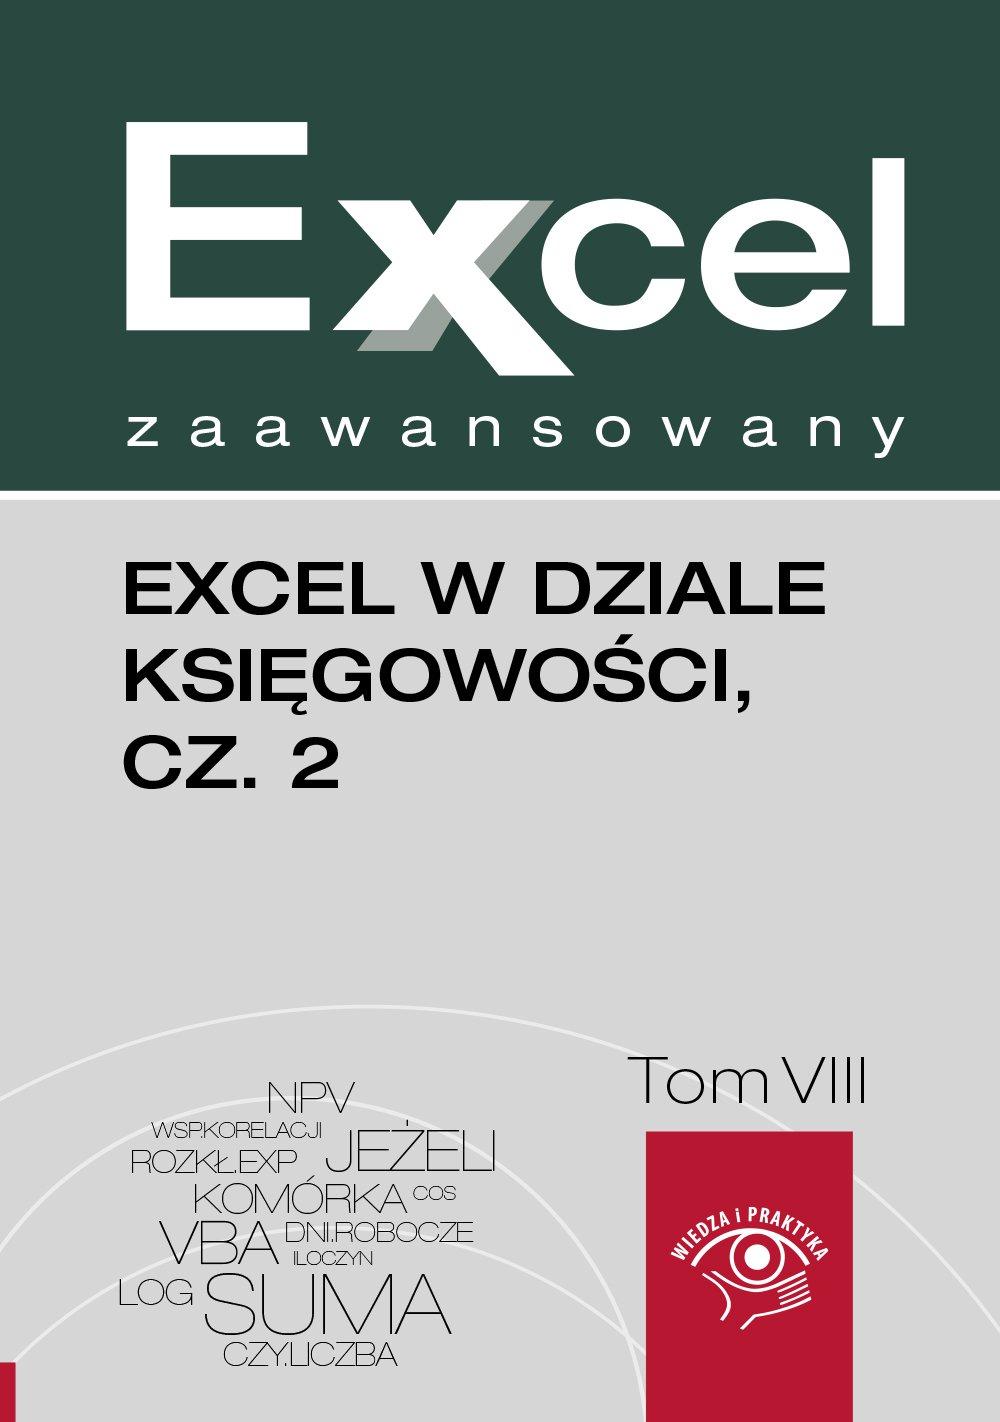 Excel w dziale księgowości. Część 2 - Ebook (Książka na Kindle) do pobrania w formacie MOBI